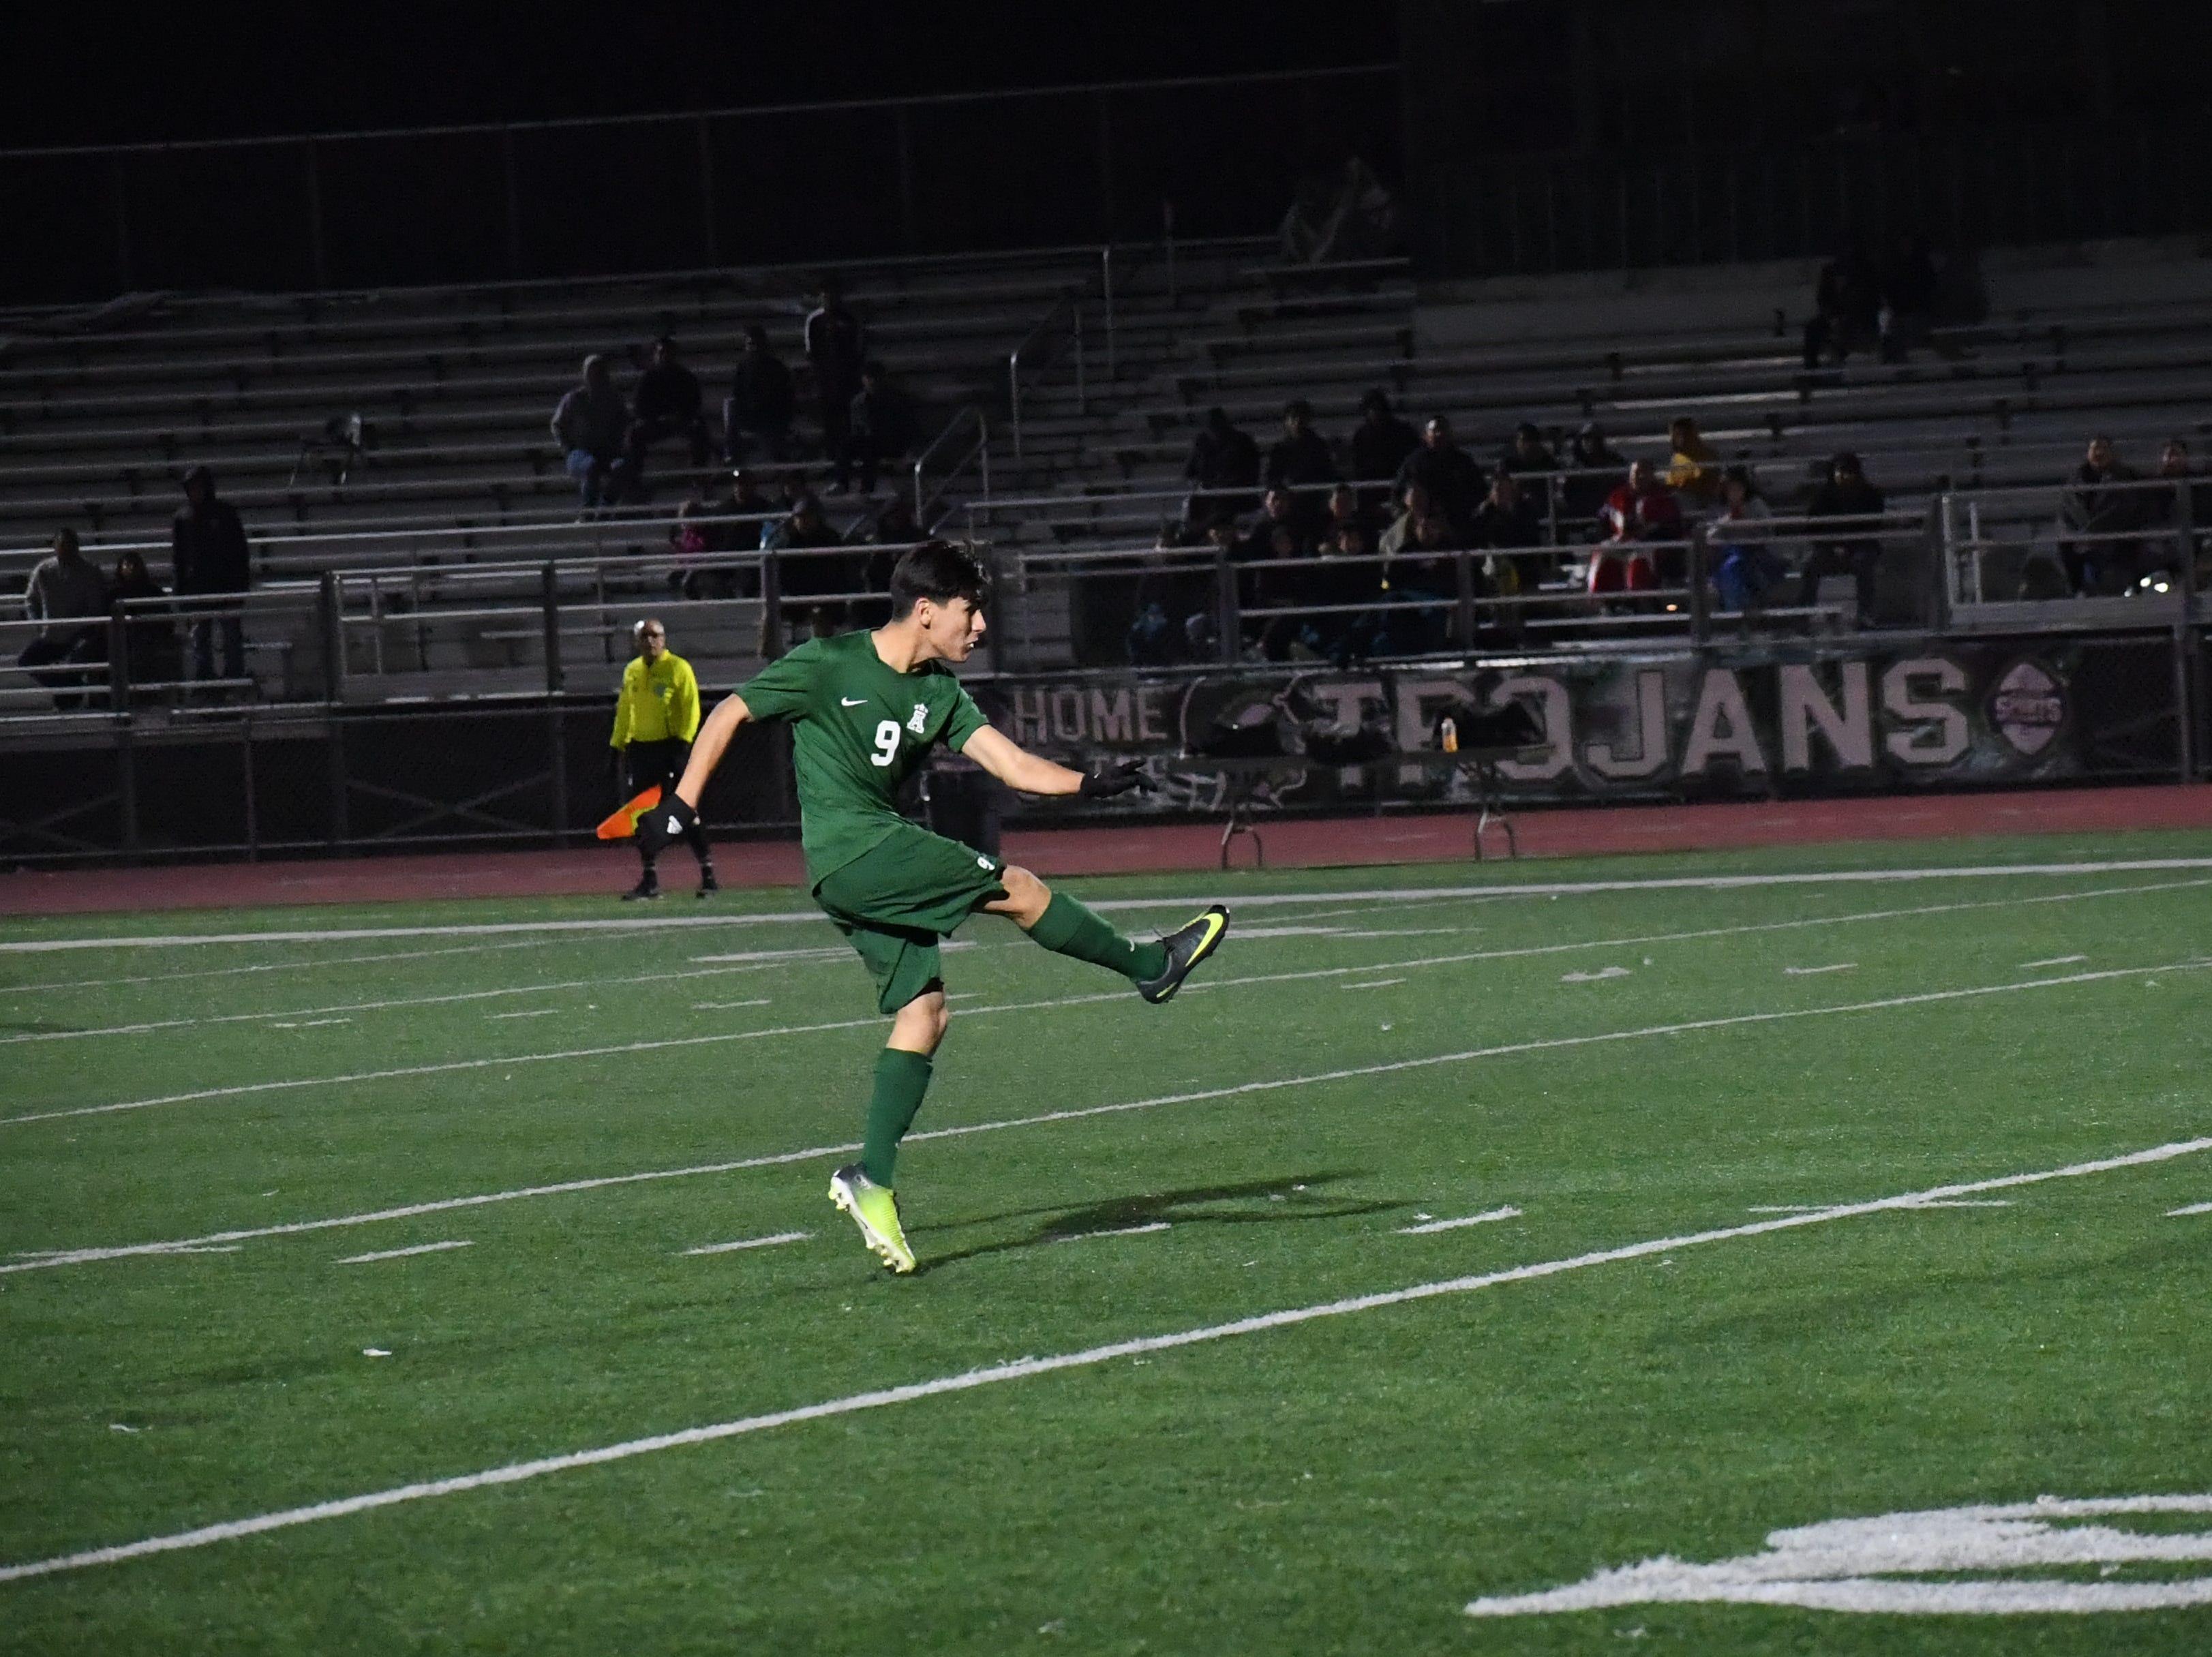 Midfielder Ruben Vasquez (9) launches a free kick towards the Bellarmine goal.